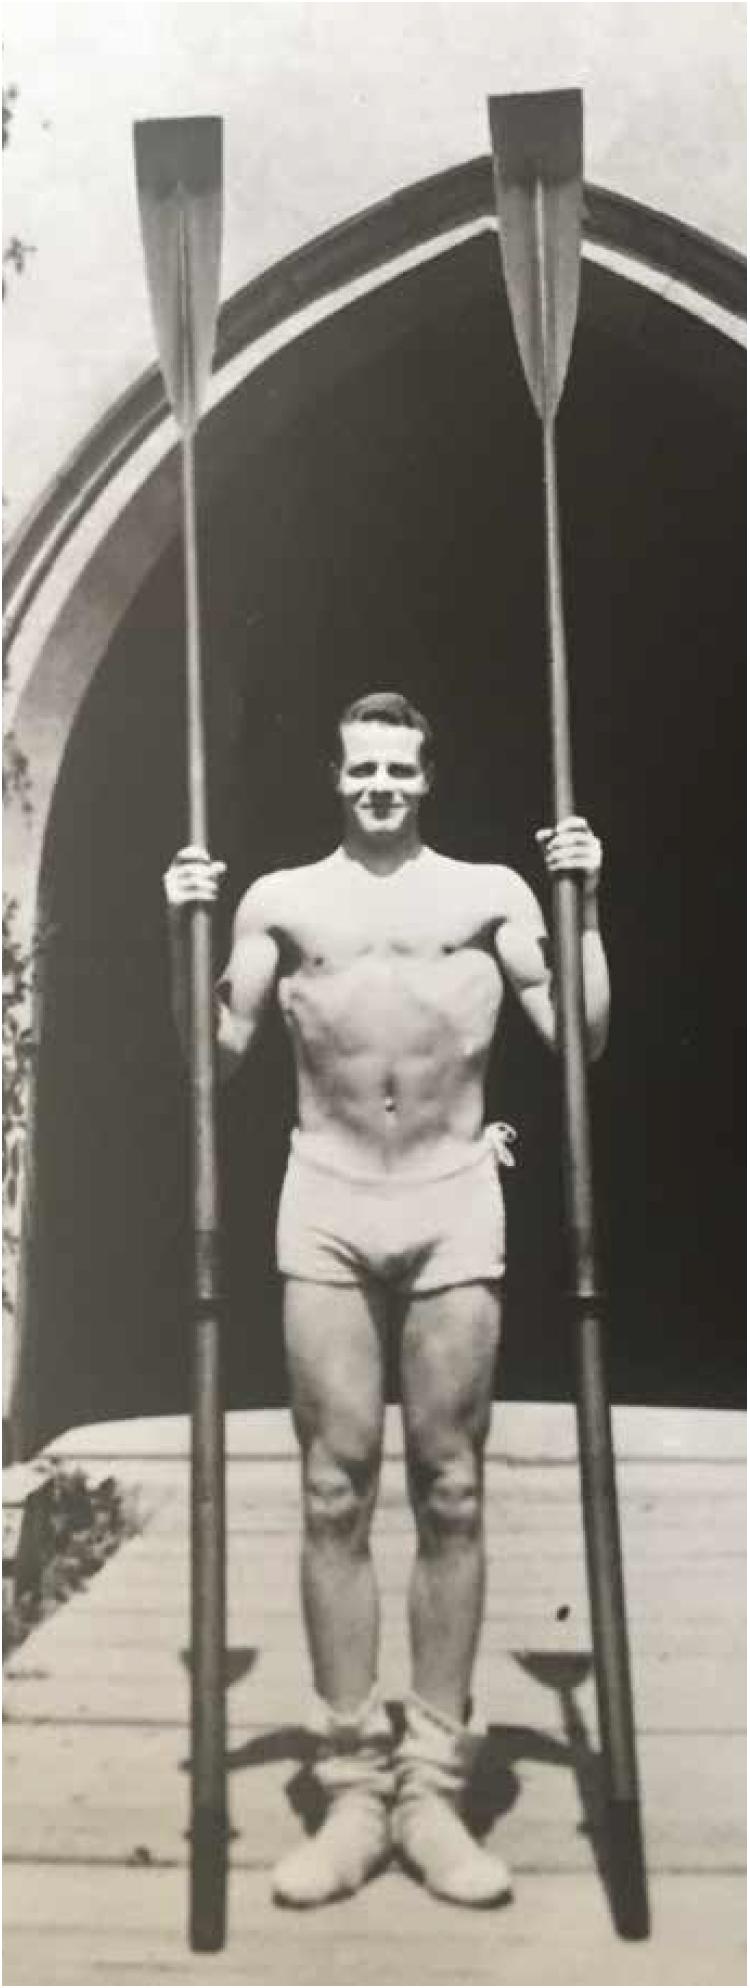 Bill - Varsity Rowing Team